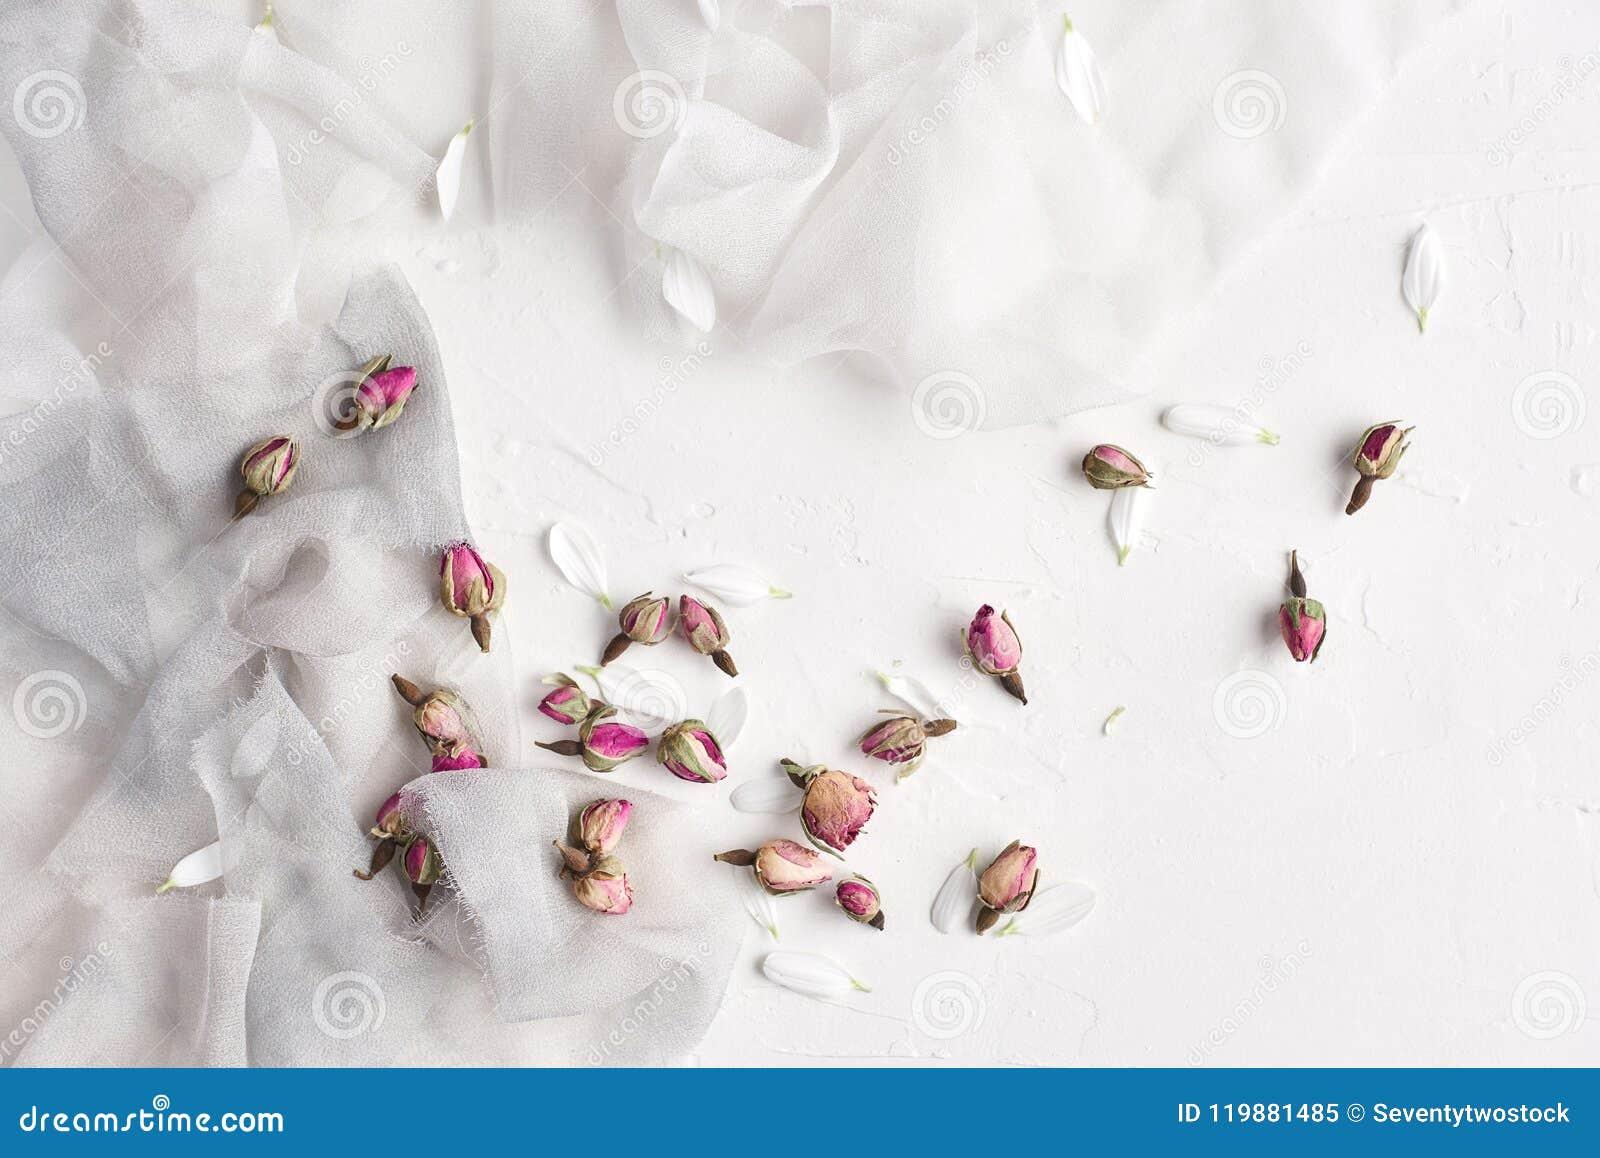 Vit kvinnlig bakgrund med silke, vita kronblad och torkat steg